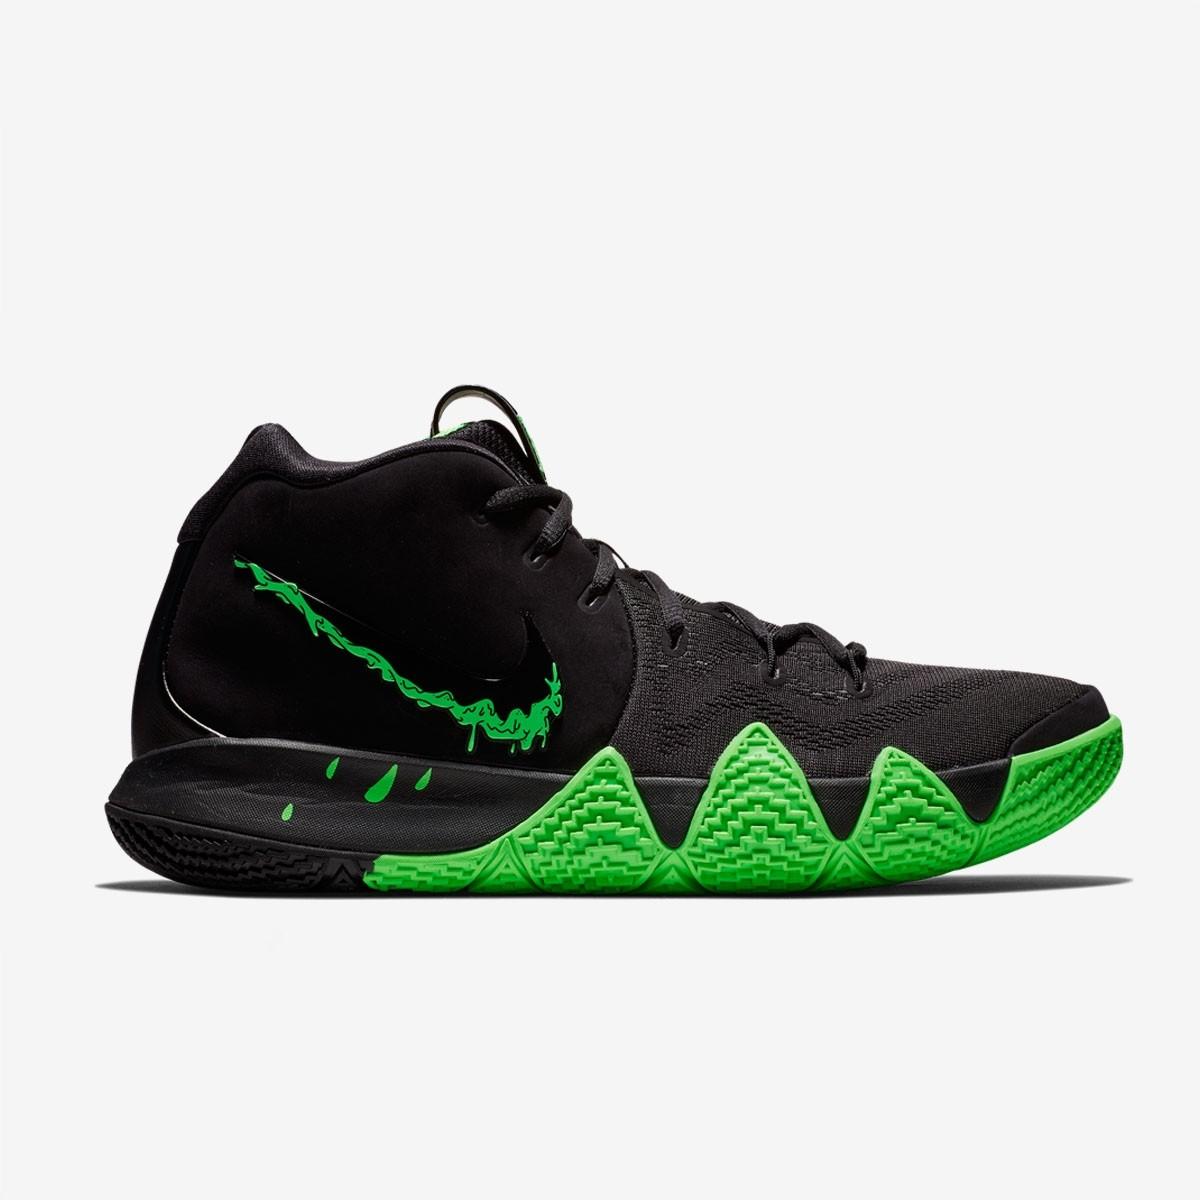 5ee4fdb5ffc Comprar Nike Kyrie 4  Halloween  Zapatillas Baloncesto y mucho más